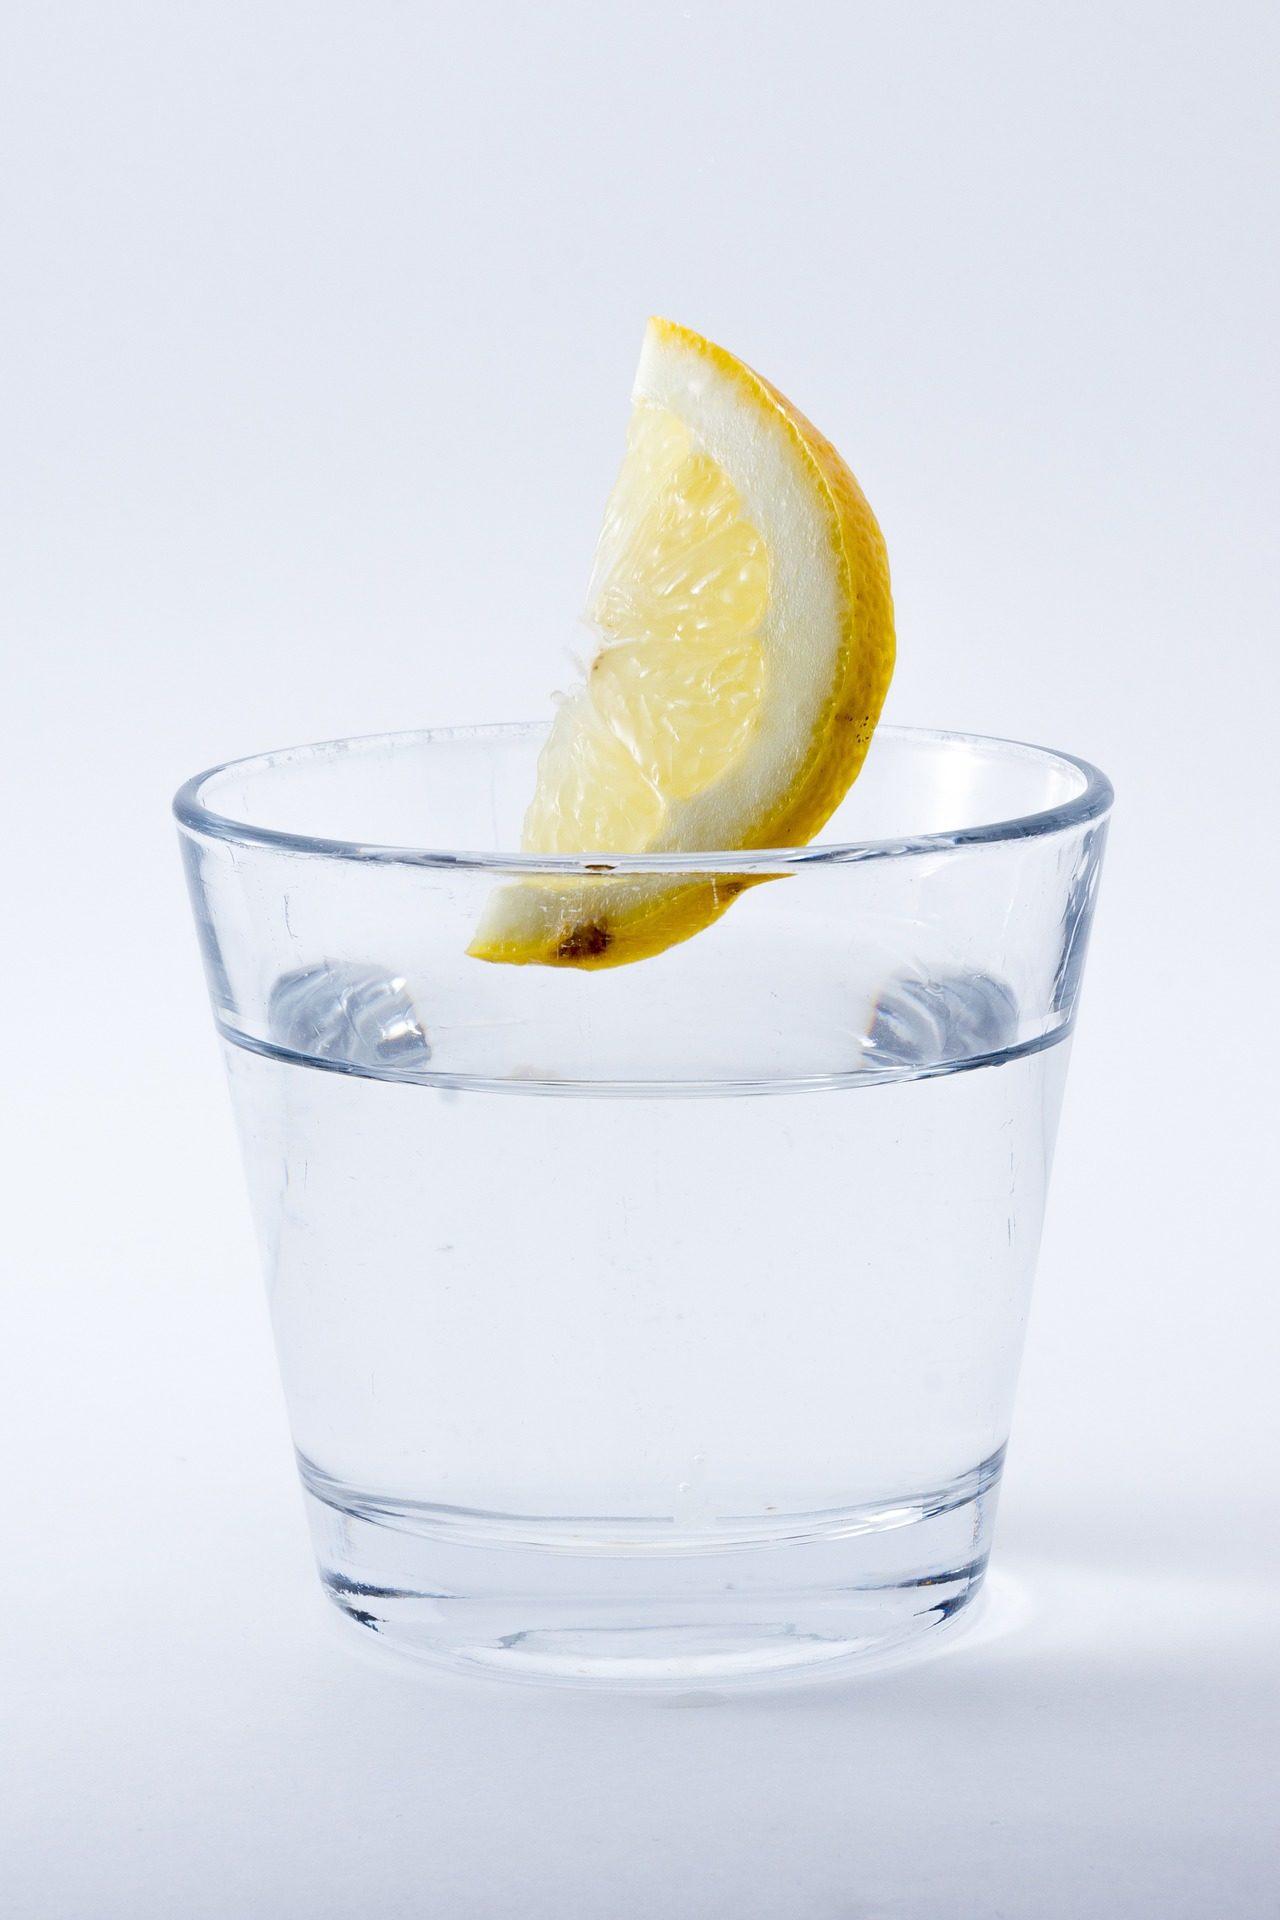 eau, citron, boisson, verre, boisson non alcoolisée - Fonds d'écran HD - Professor-falken.com